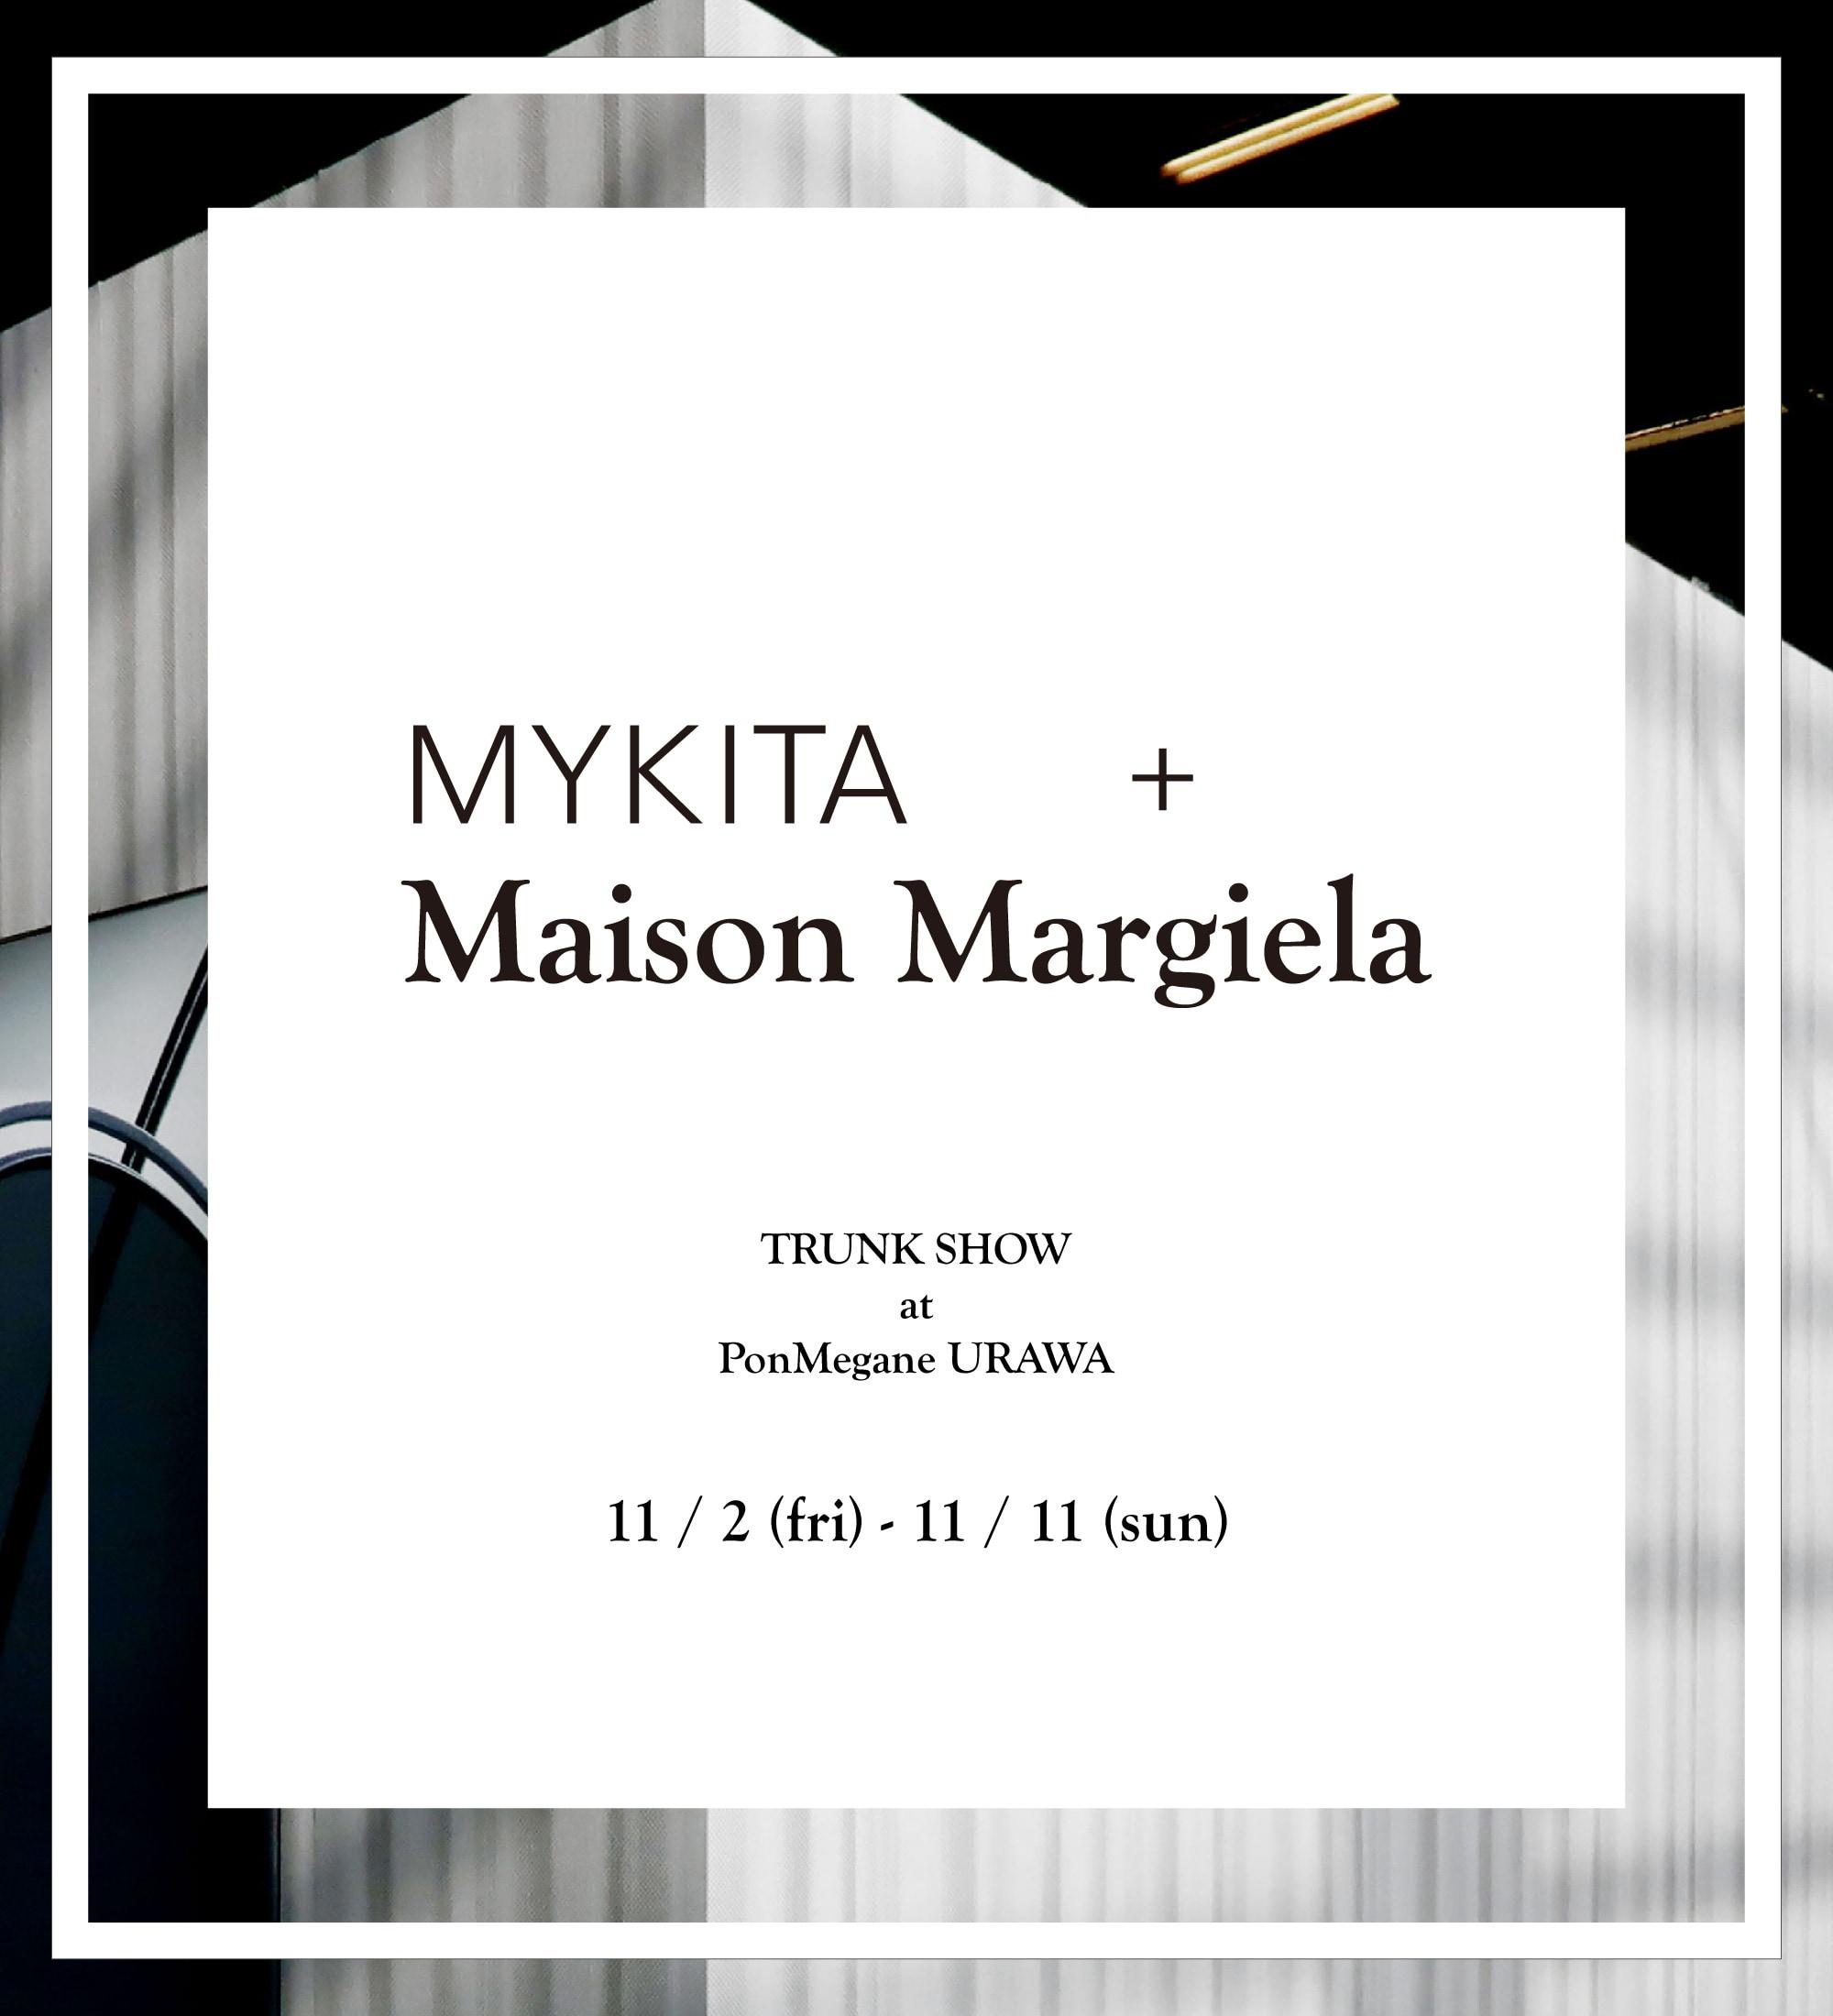 MYKITA + Maison Margiela Trunk-Show